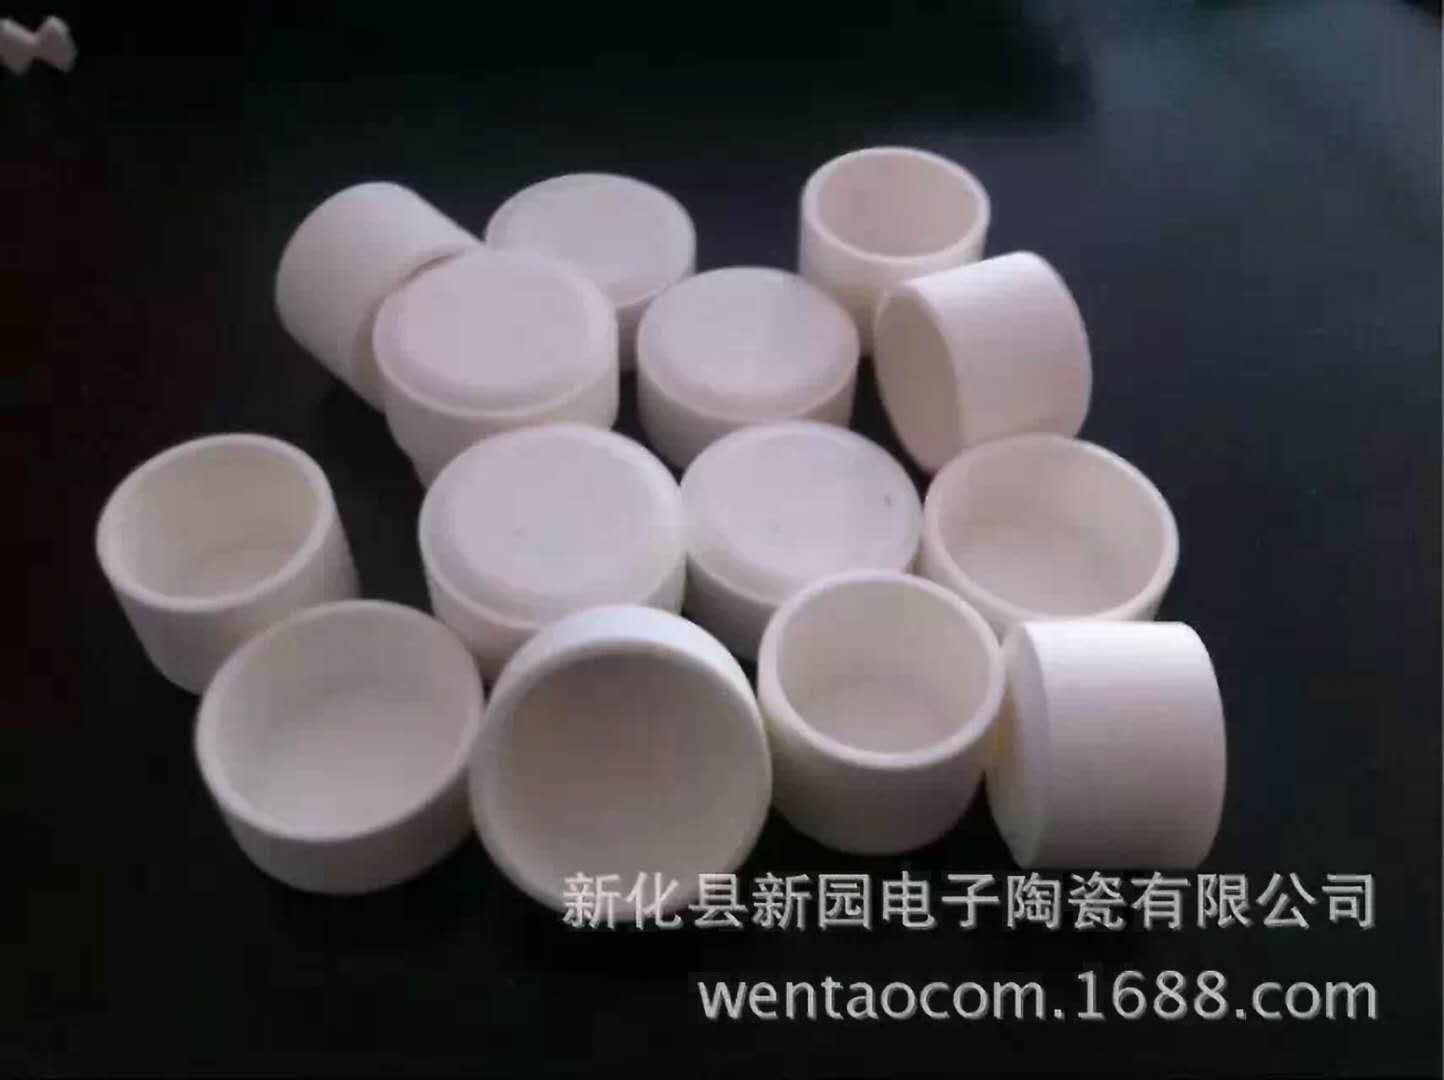 重庆陶瓷钳锅-娄底实惠的陶瓷坩埚哪里买